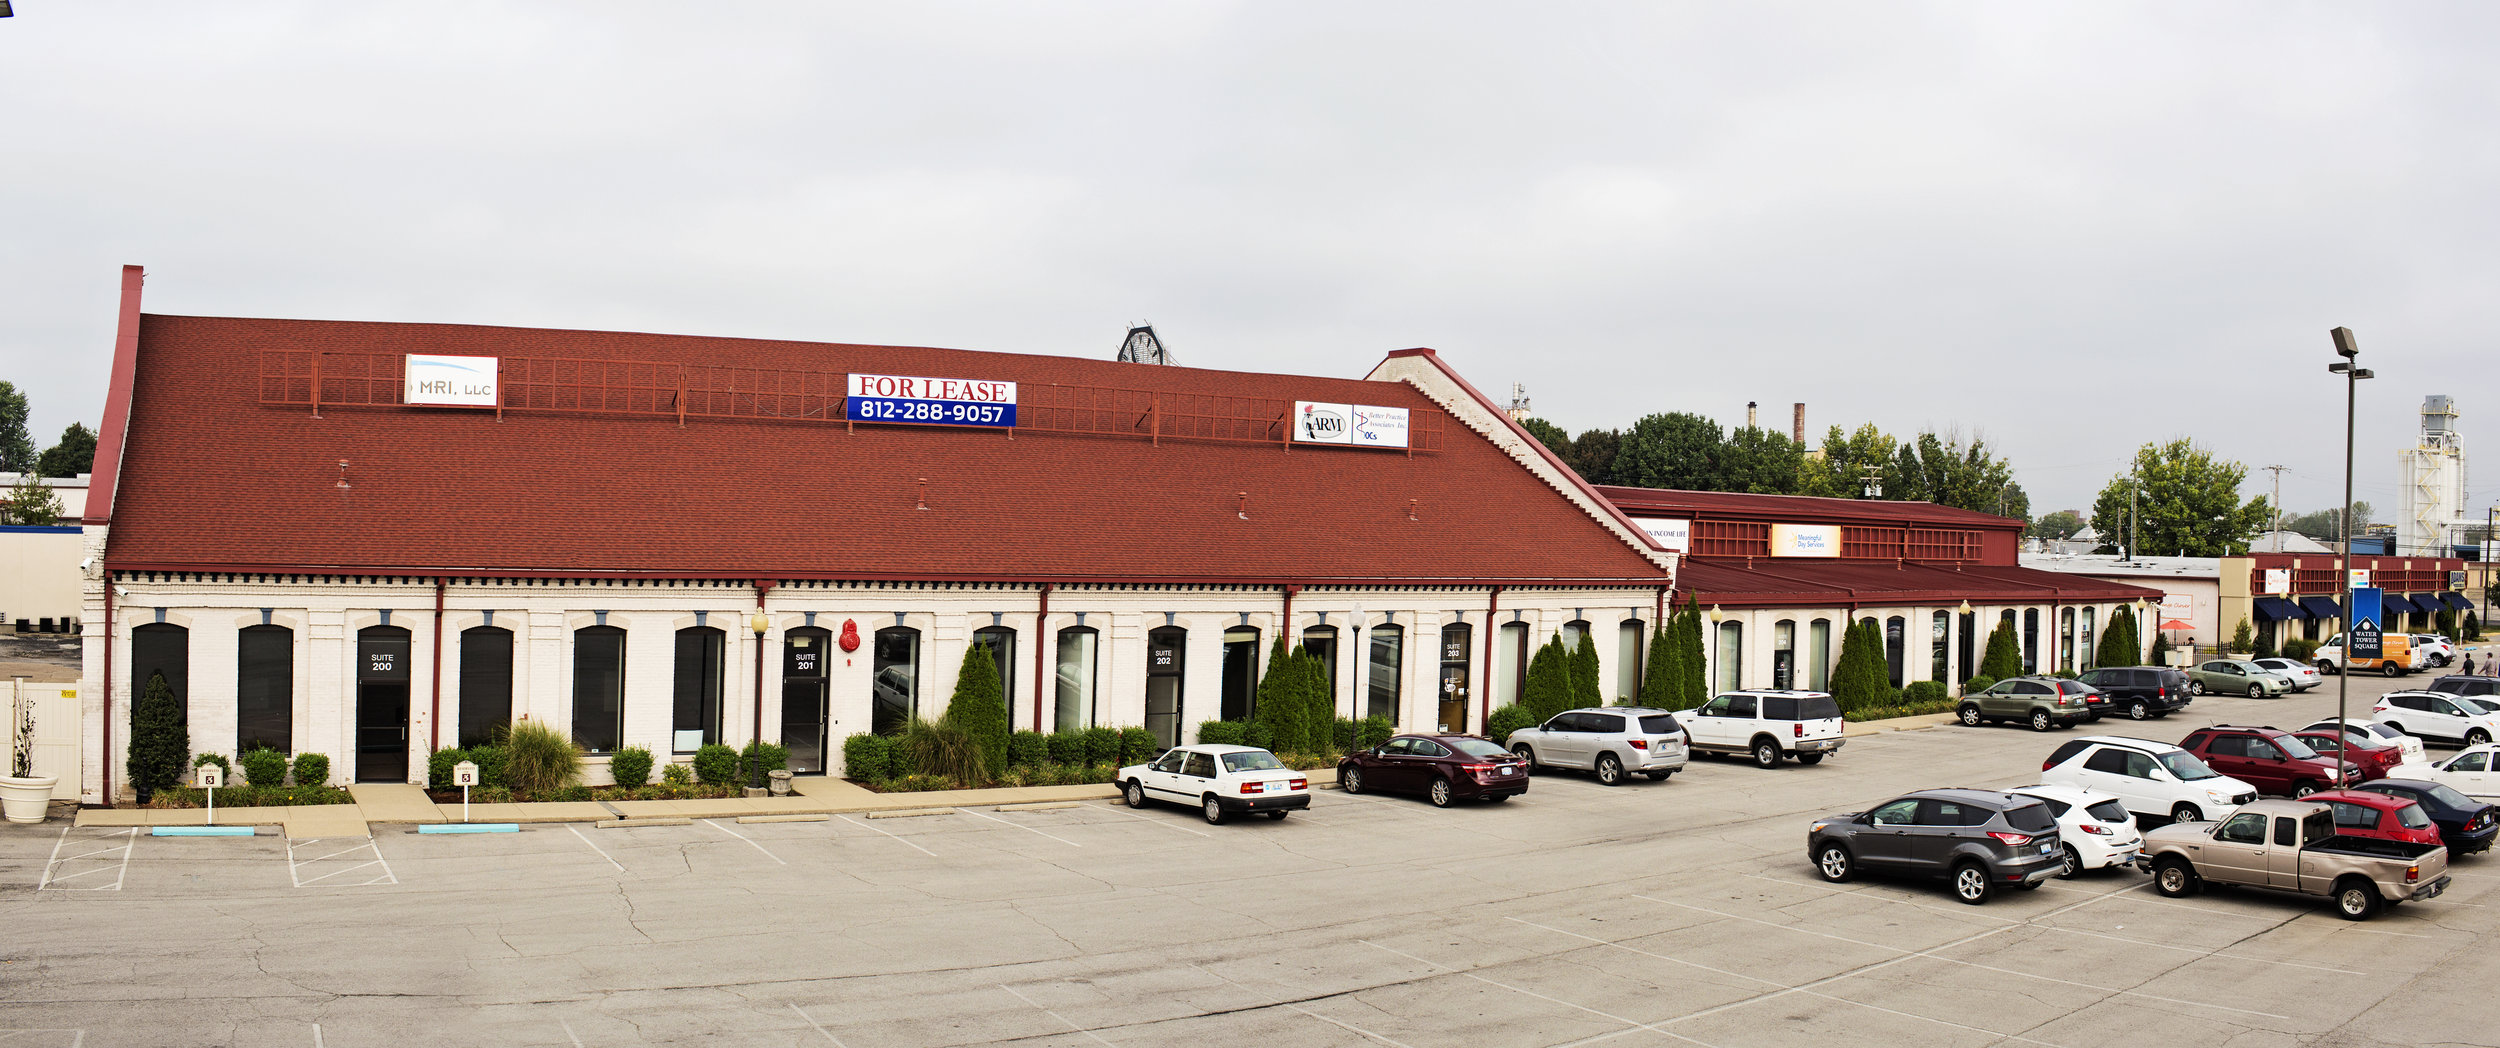 590 Missouri Ave Suite 200